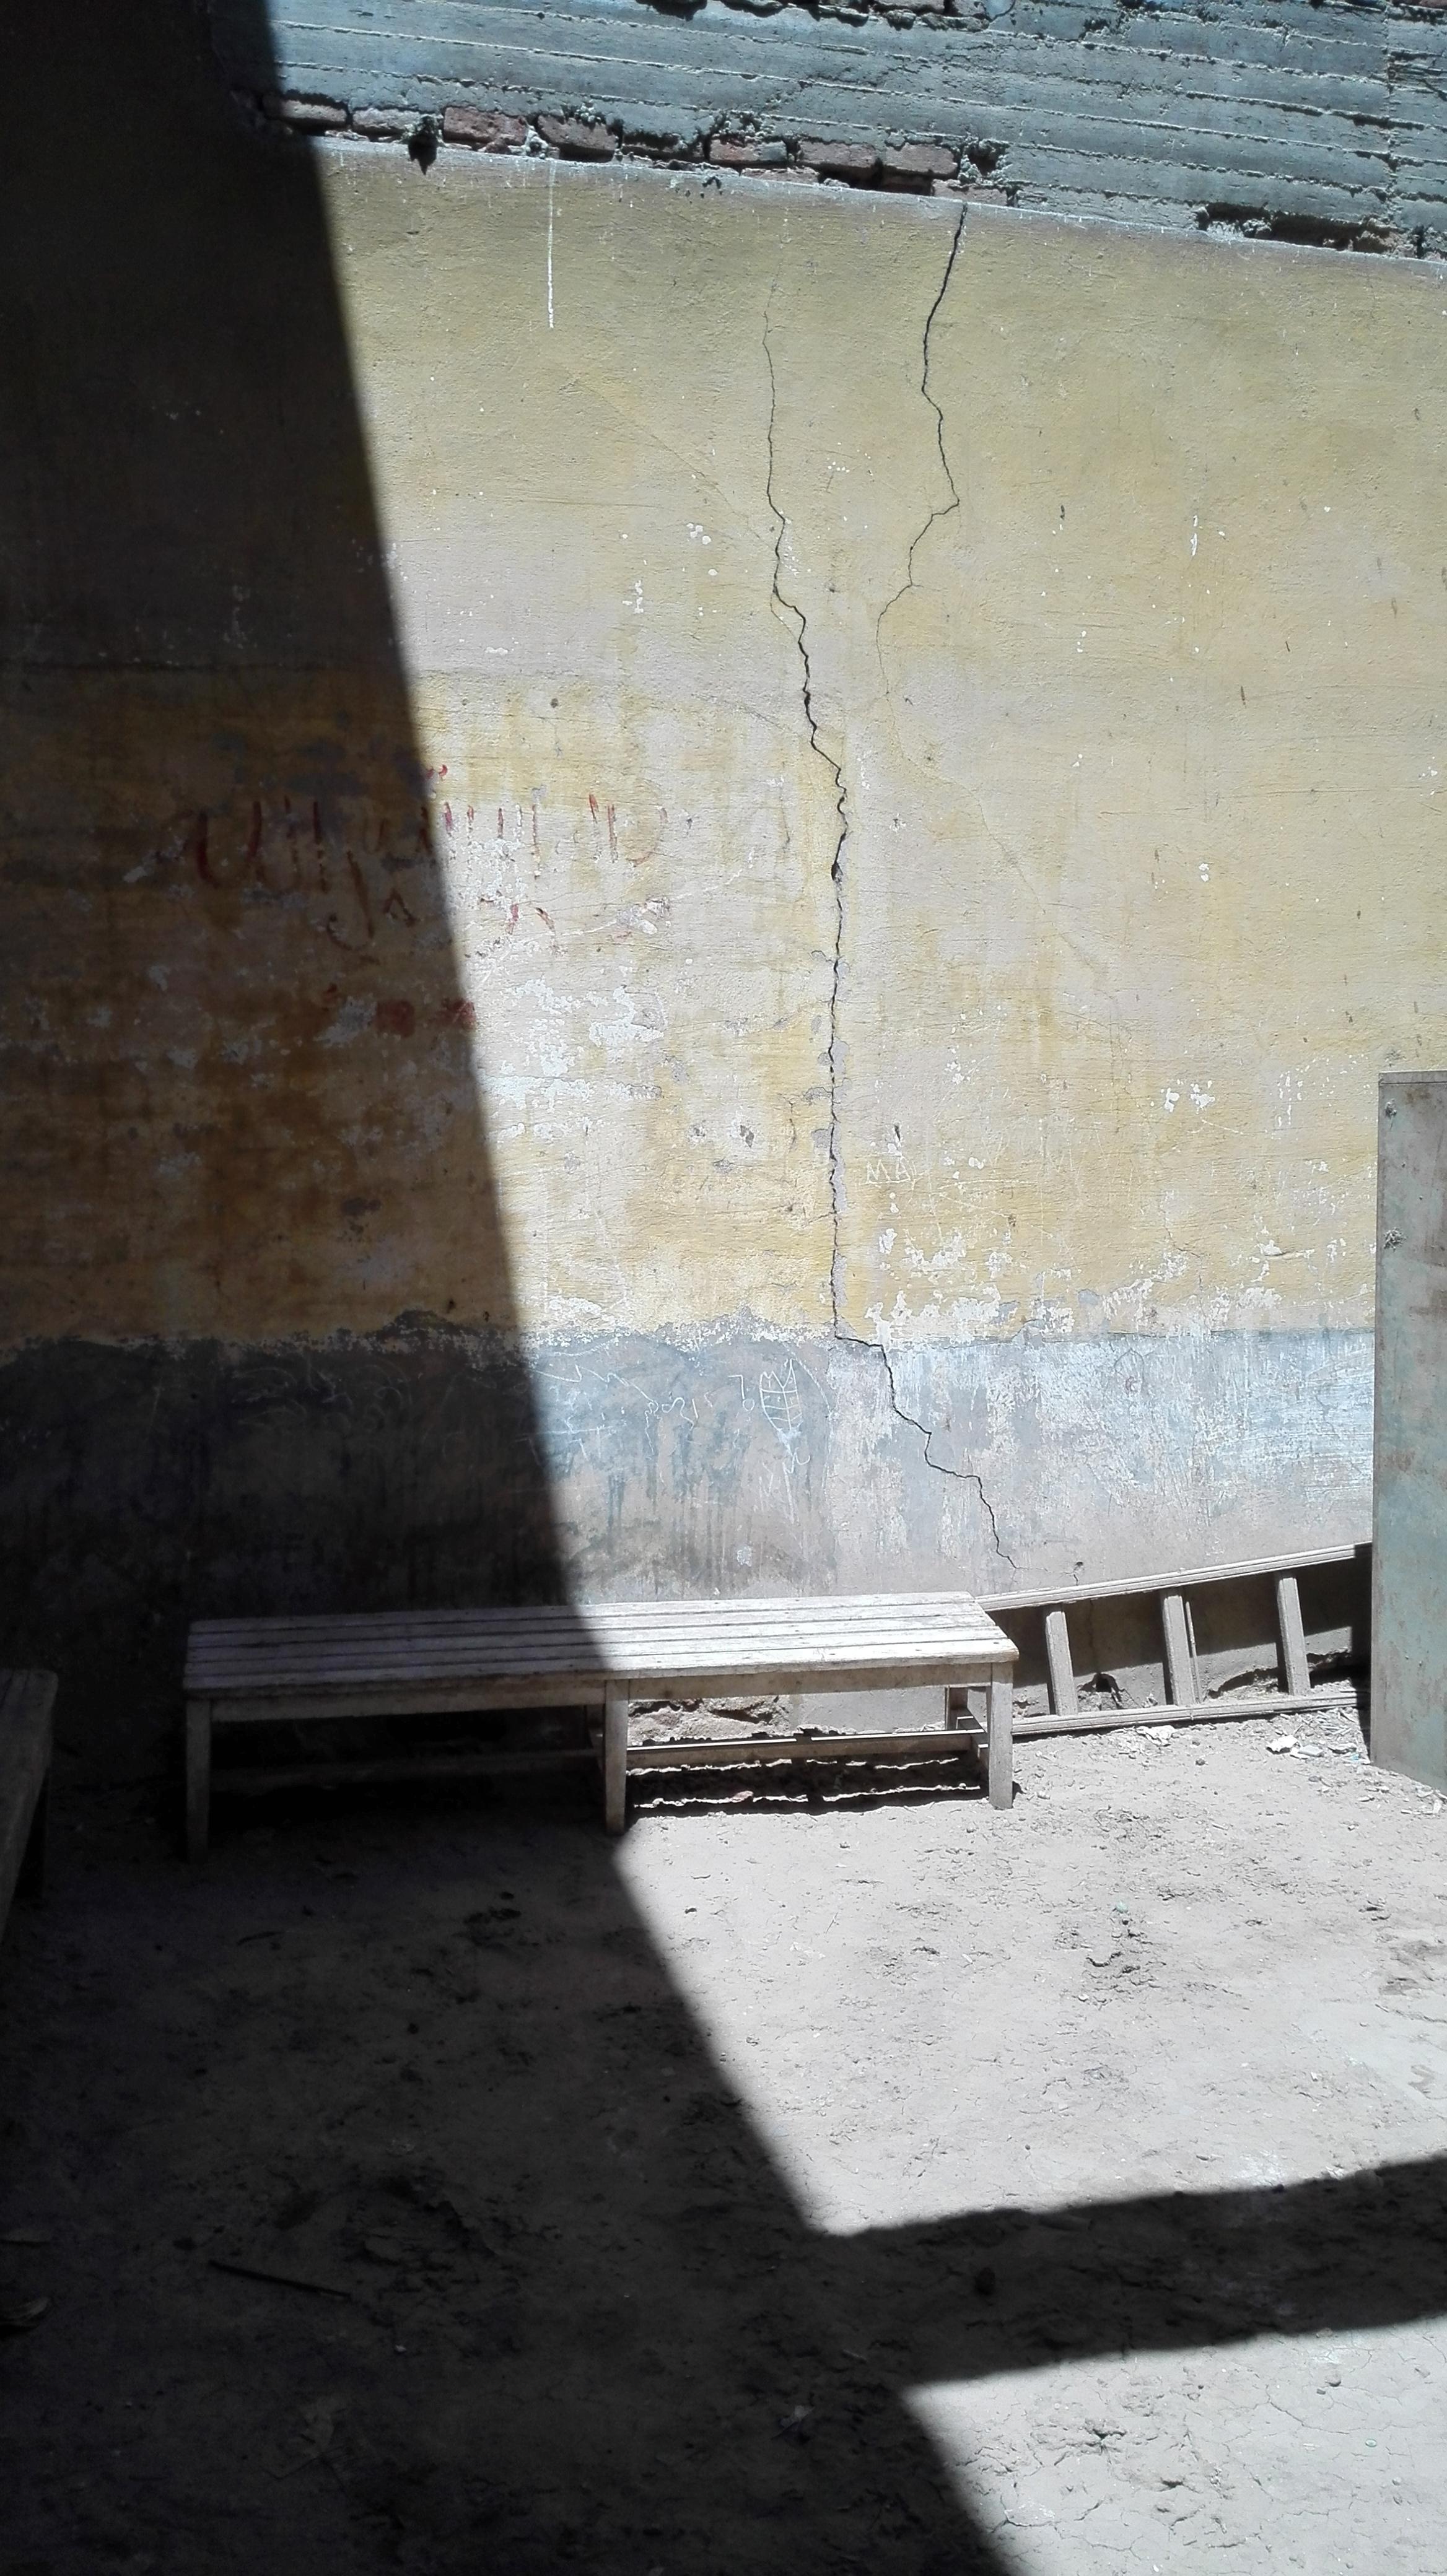 بالصور.. ورثة مواطن يطالبون بفسخ عقد تأجير مبنى لوزارة الصحة منذ 1952